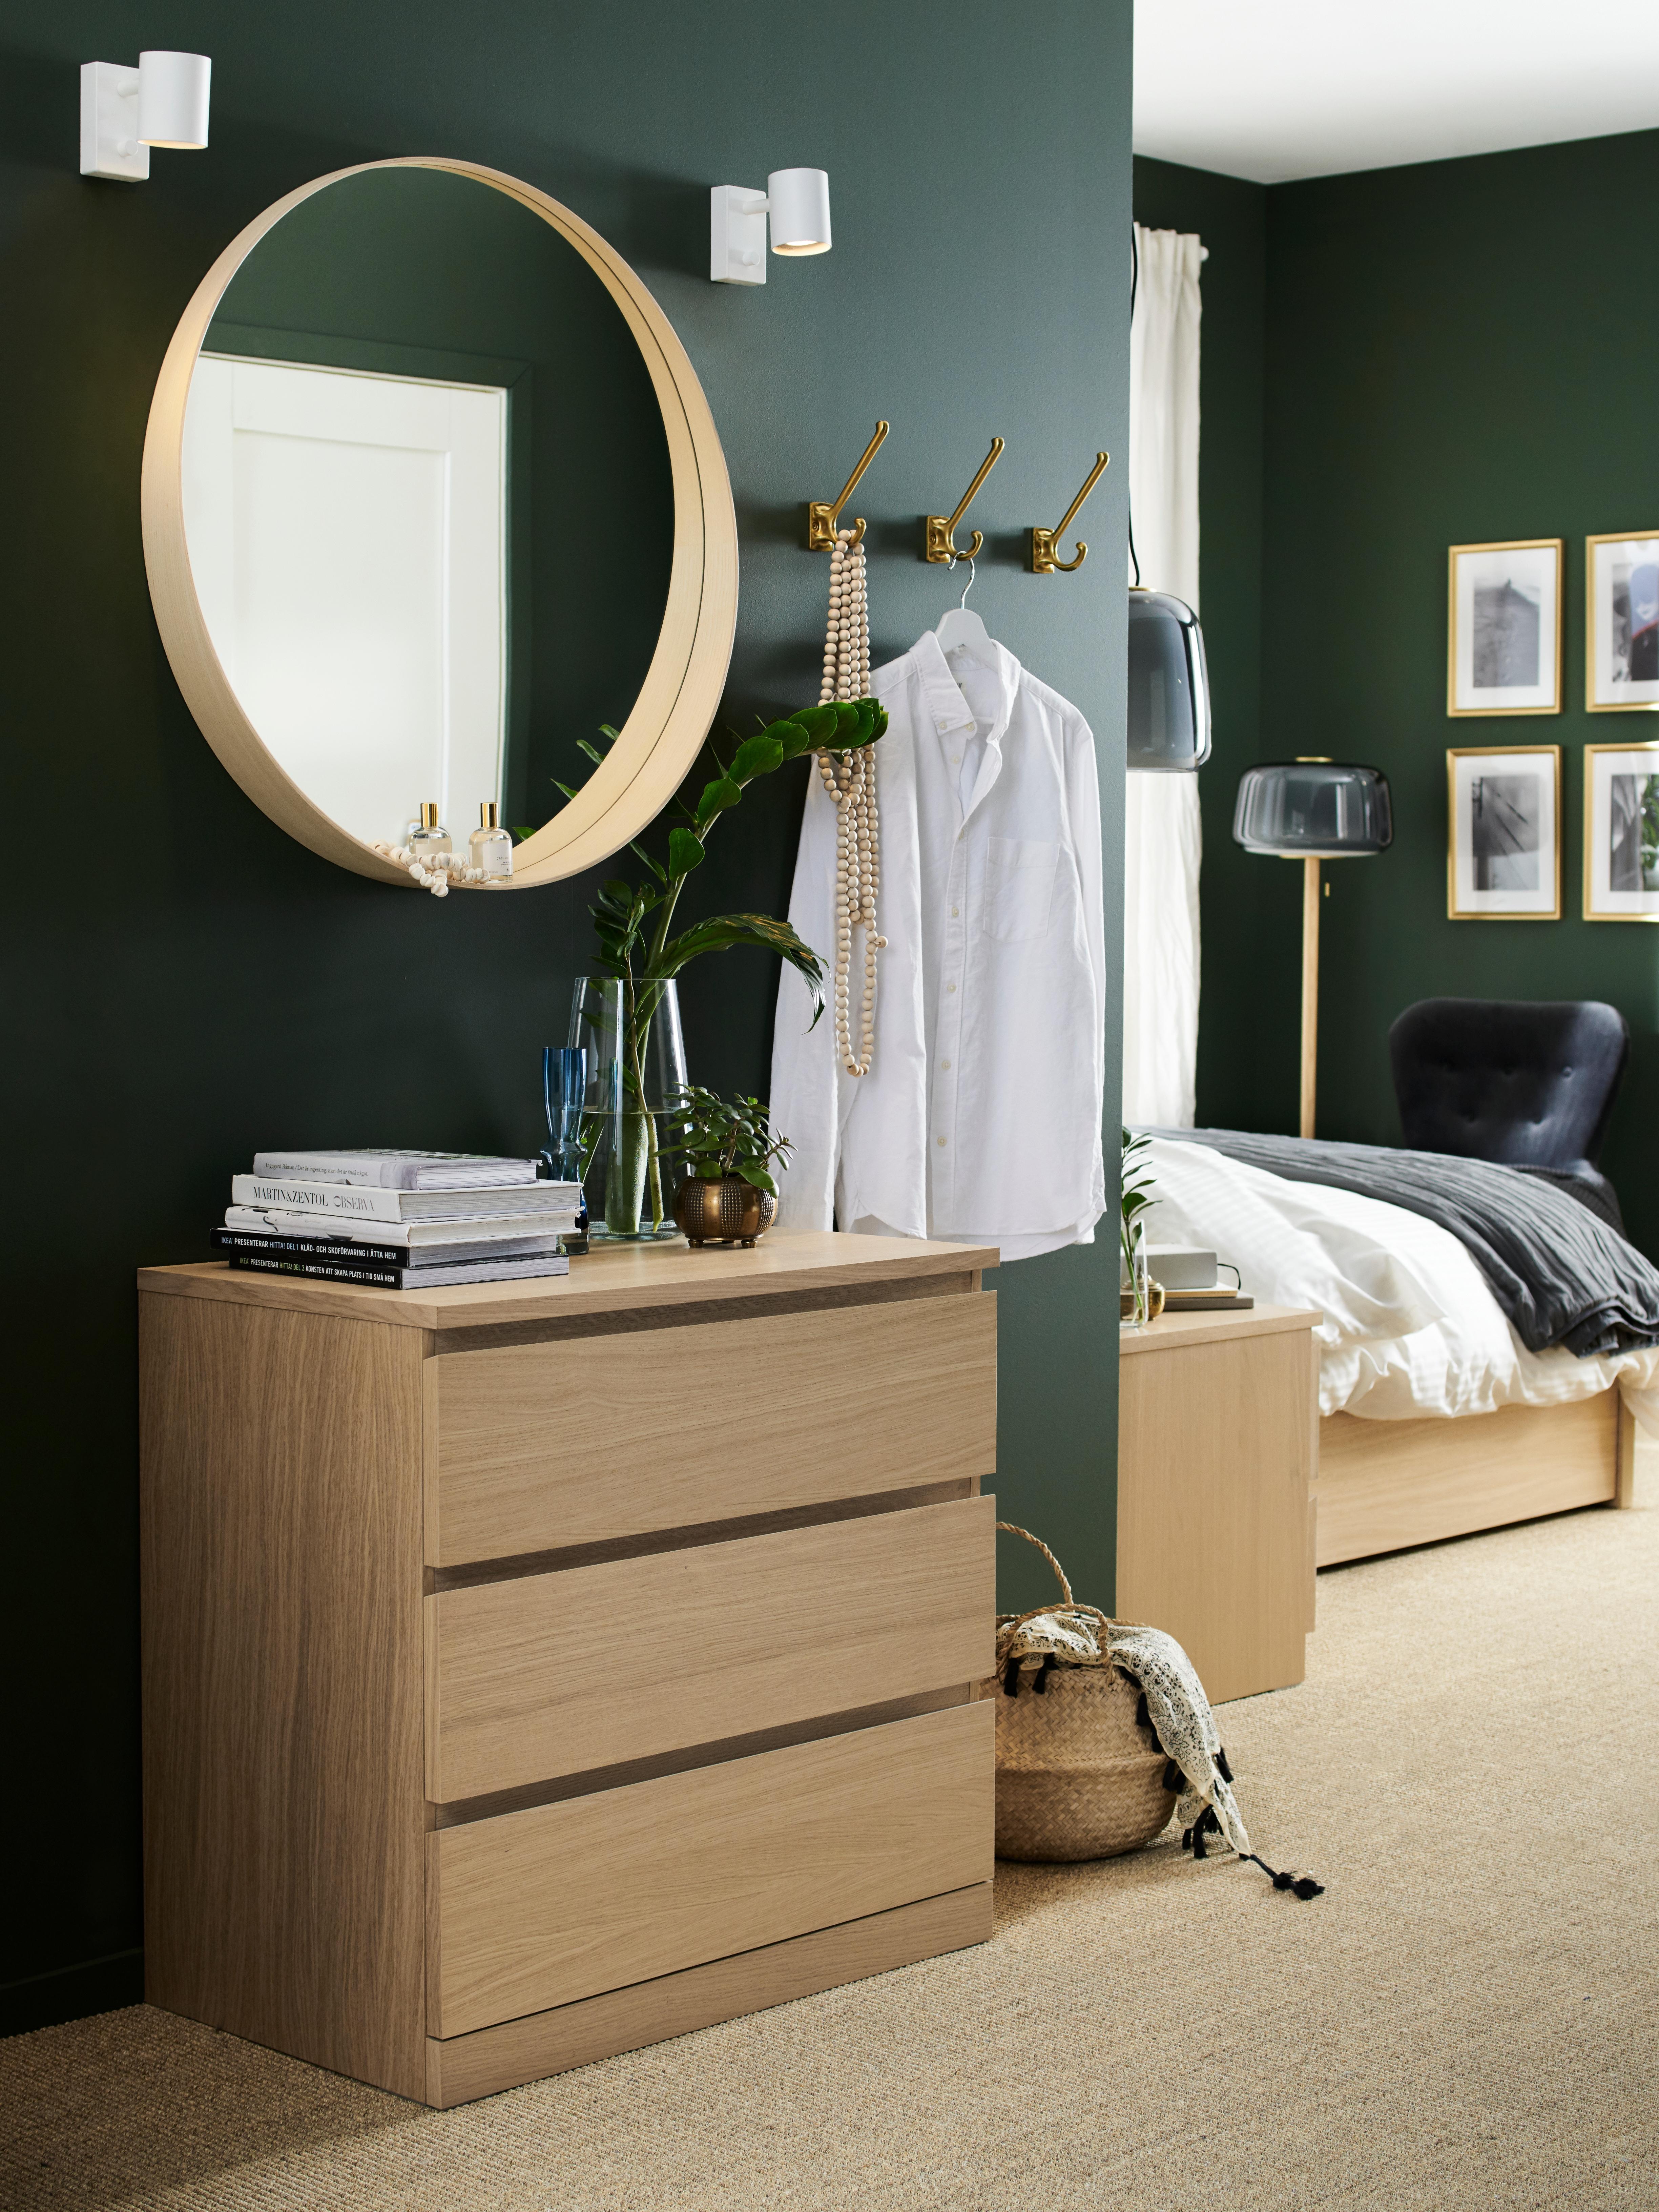 MALM komoda od bijelo bajcanog furnira s tri ladice, pored zida na kojem su okruglo ogledalo i vješalica u prostoru za odijevanje u spavaćoj sobi.